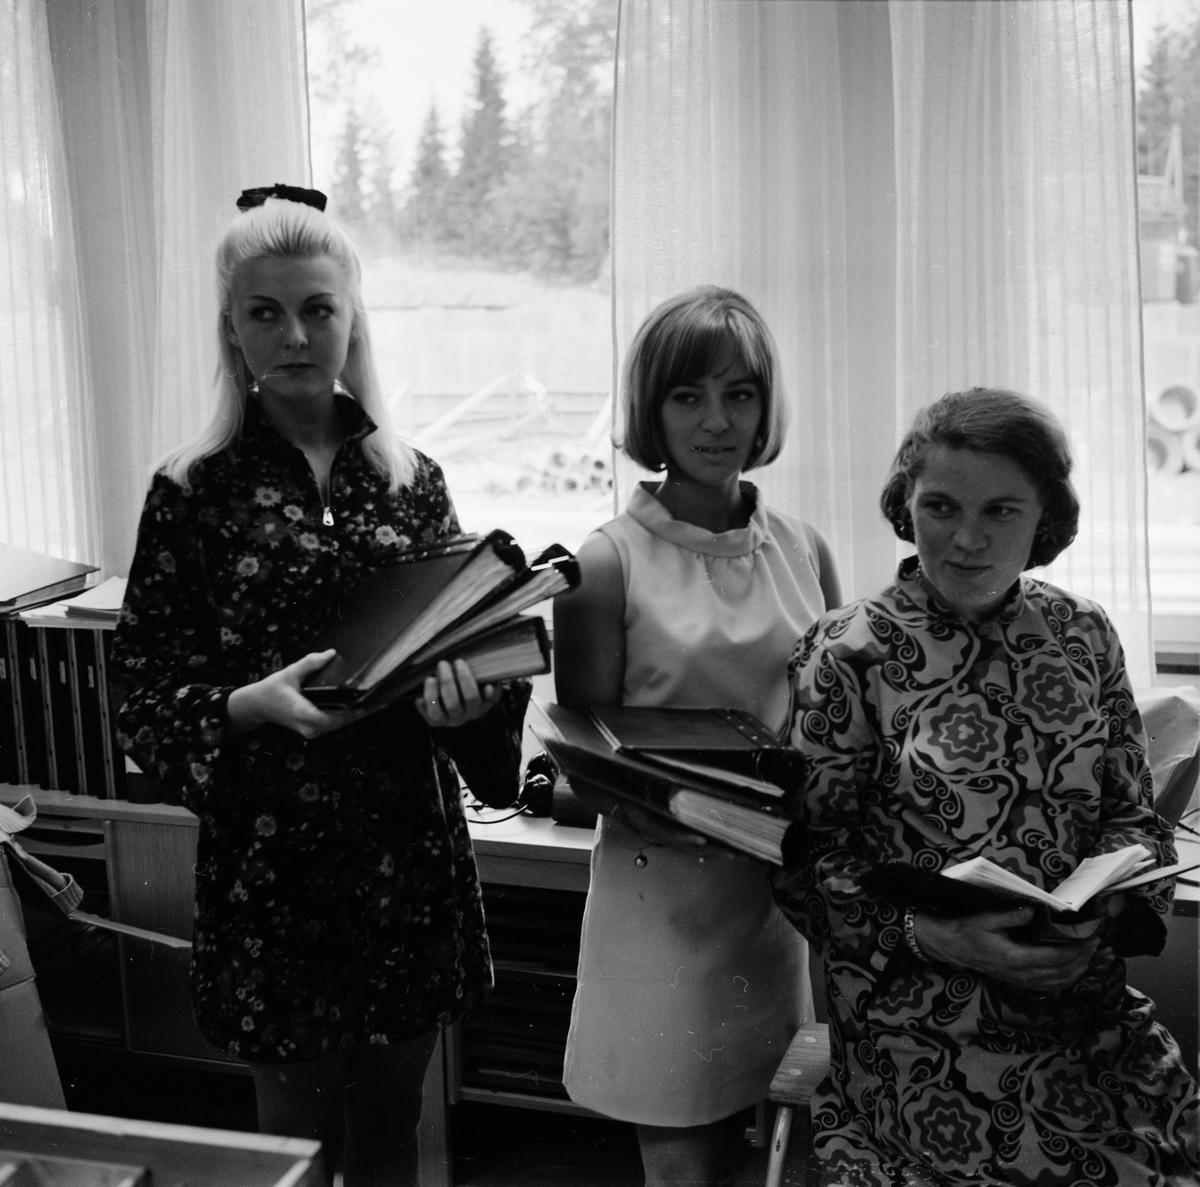 Kontoristerna Gunilla Wessén, Birgitta Lundström och okänd kvinna